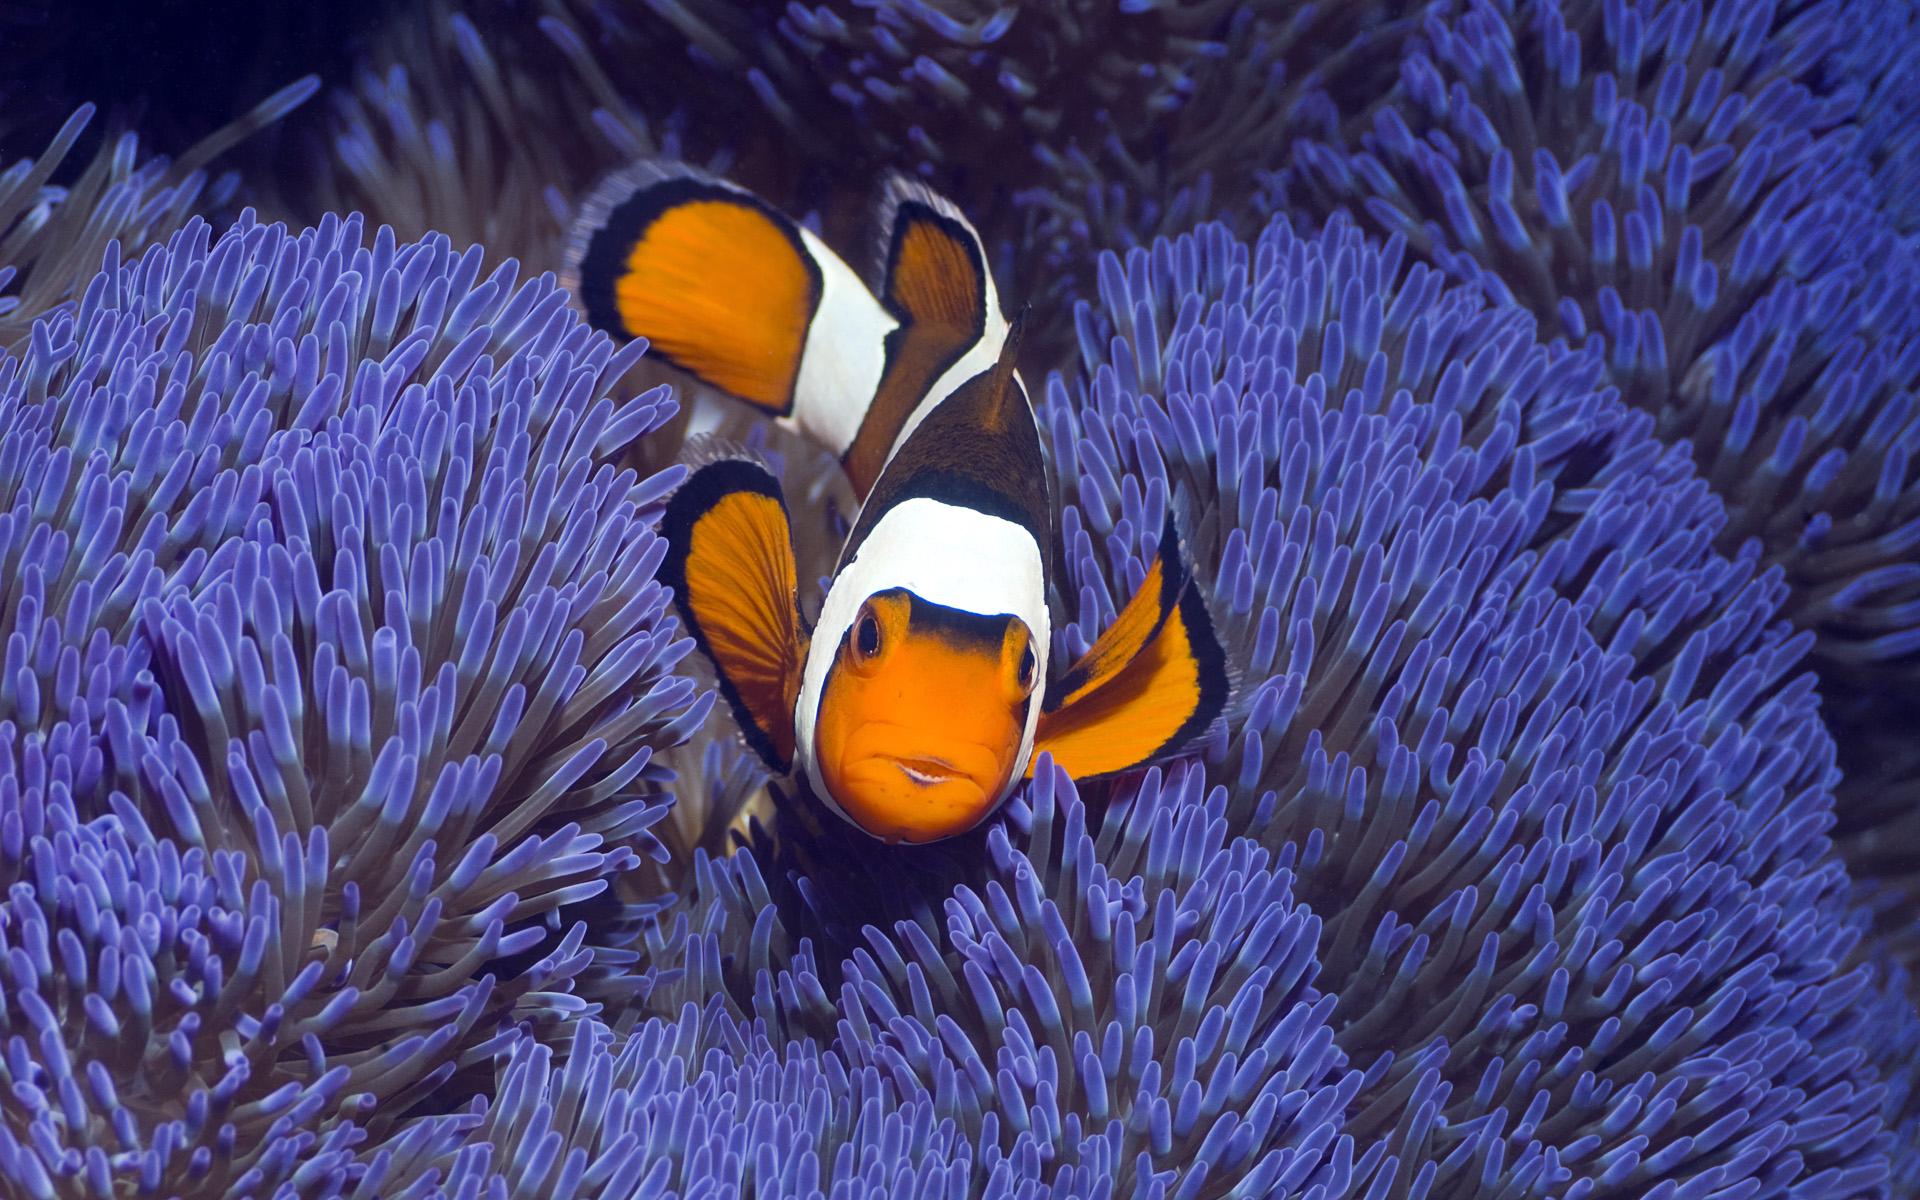 Clownfish - скачать на русском для скайпа (клоунфиш) для изменения 9